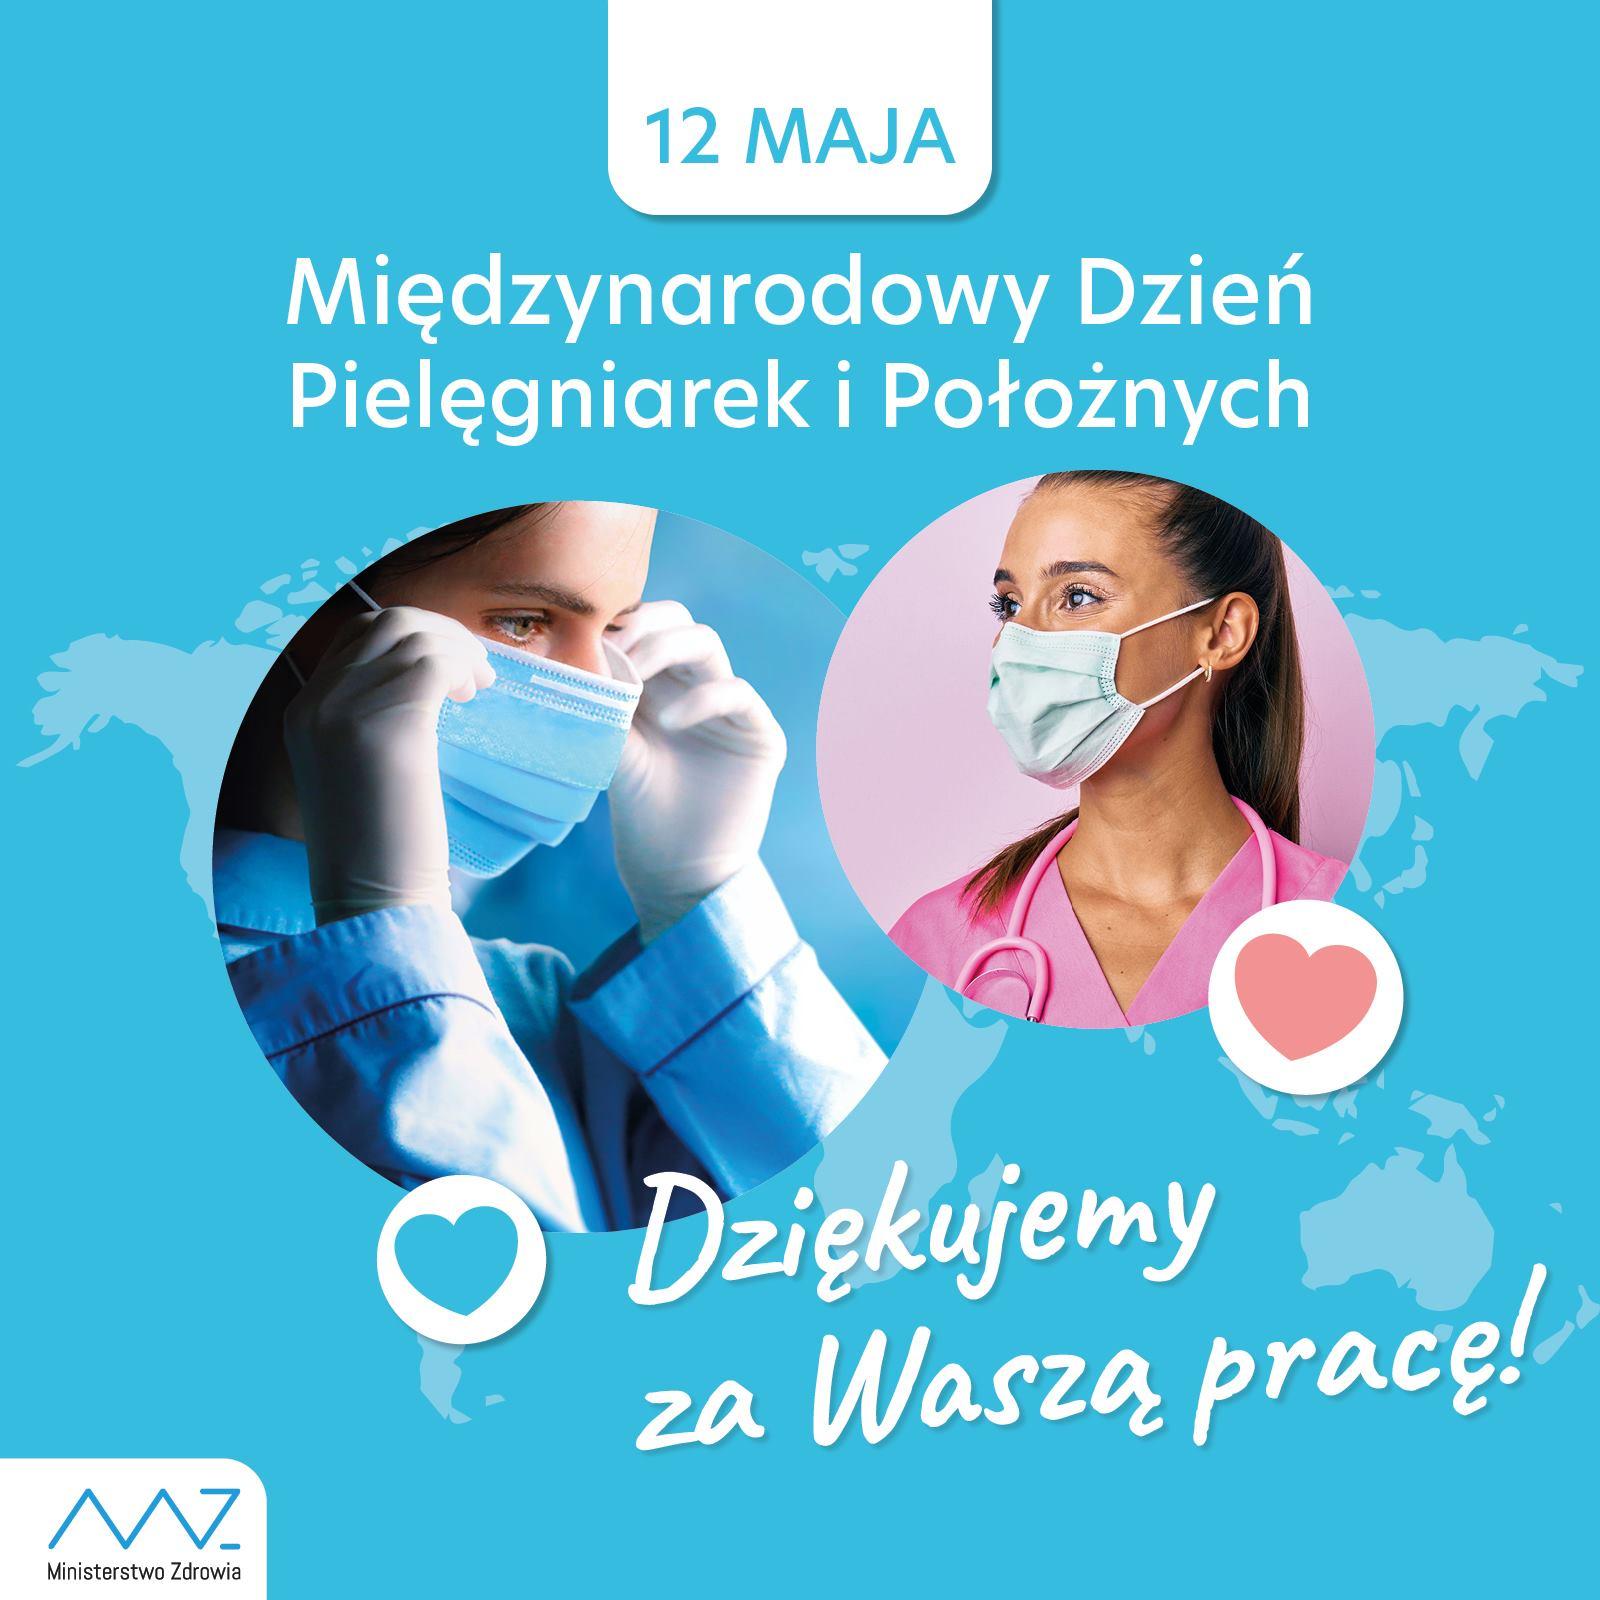 grafika - Międzynarodowy Dzień Pielęgniarki i Międzynarodowy Dzień Położnej